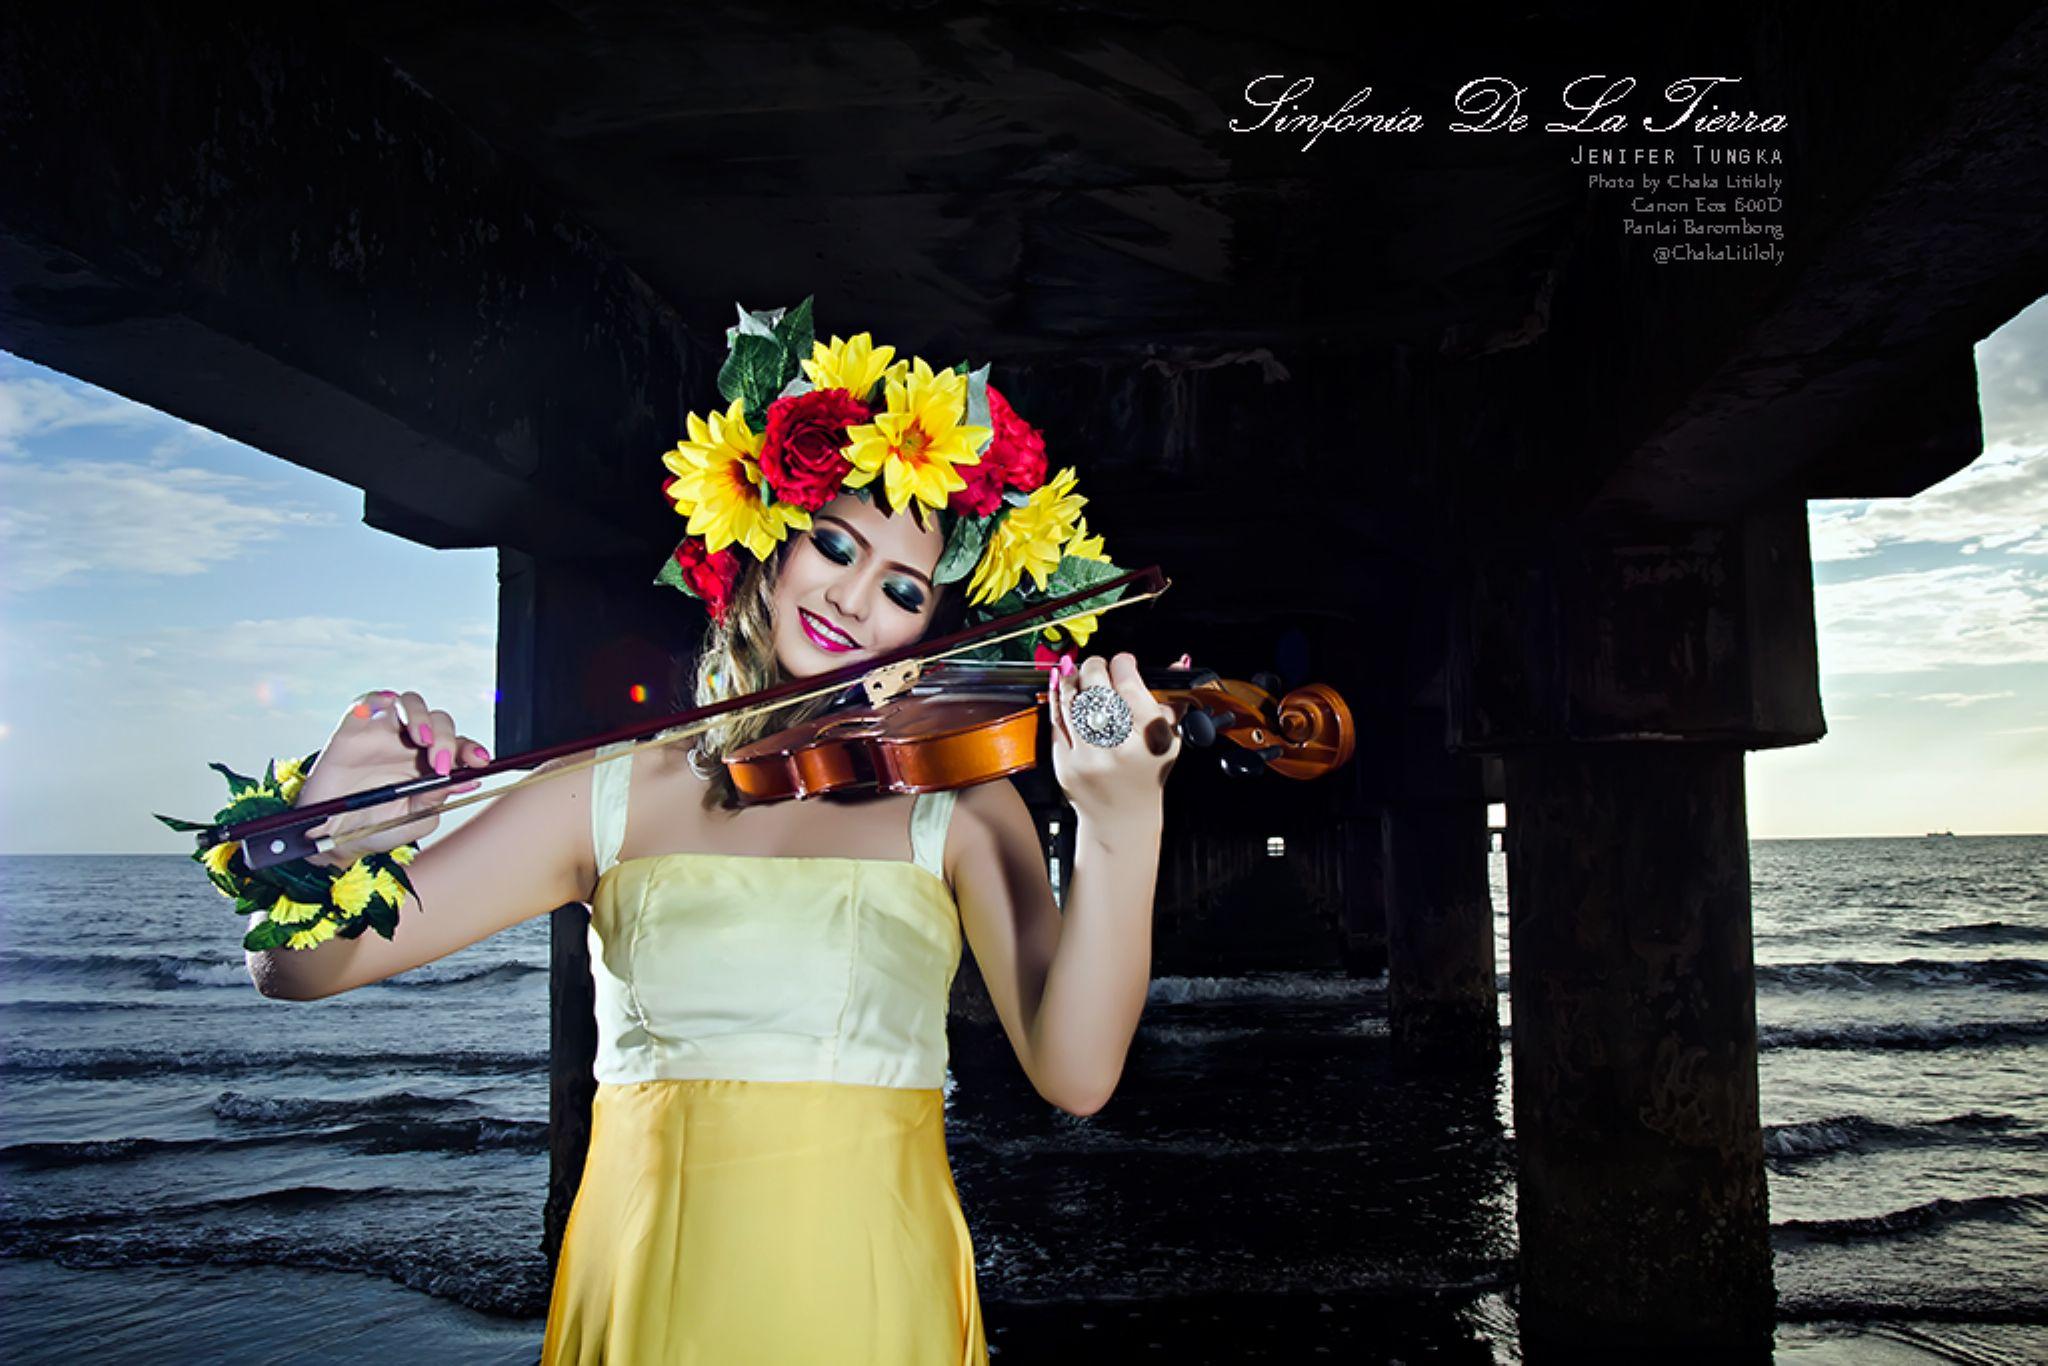 sinfonía de la tierra by Chaka Litiloly